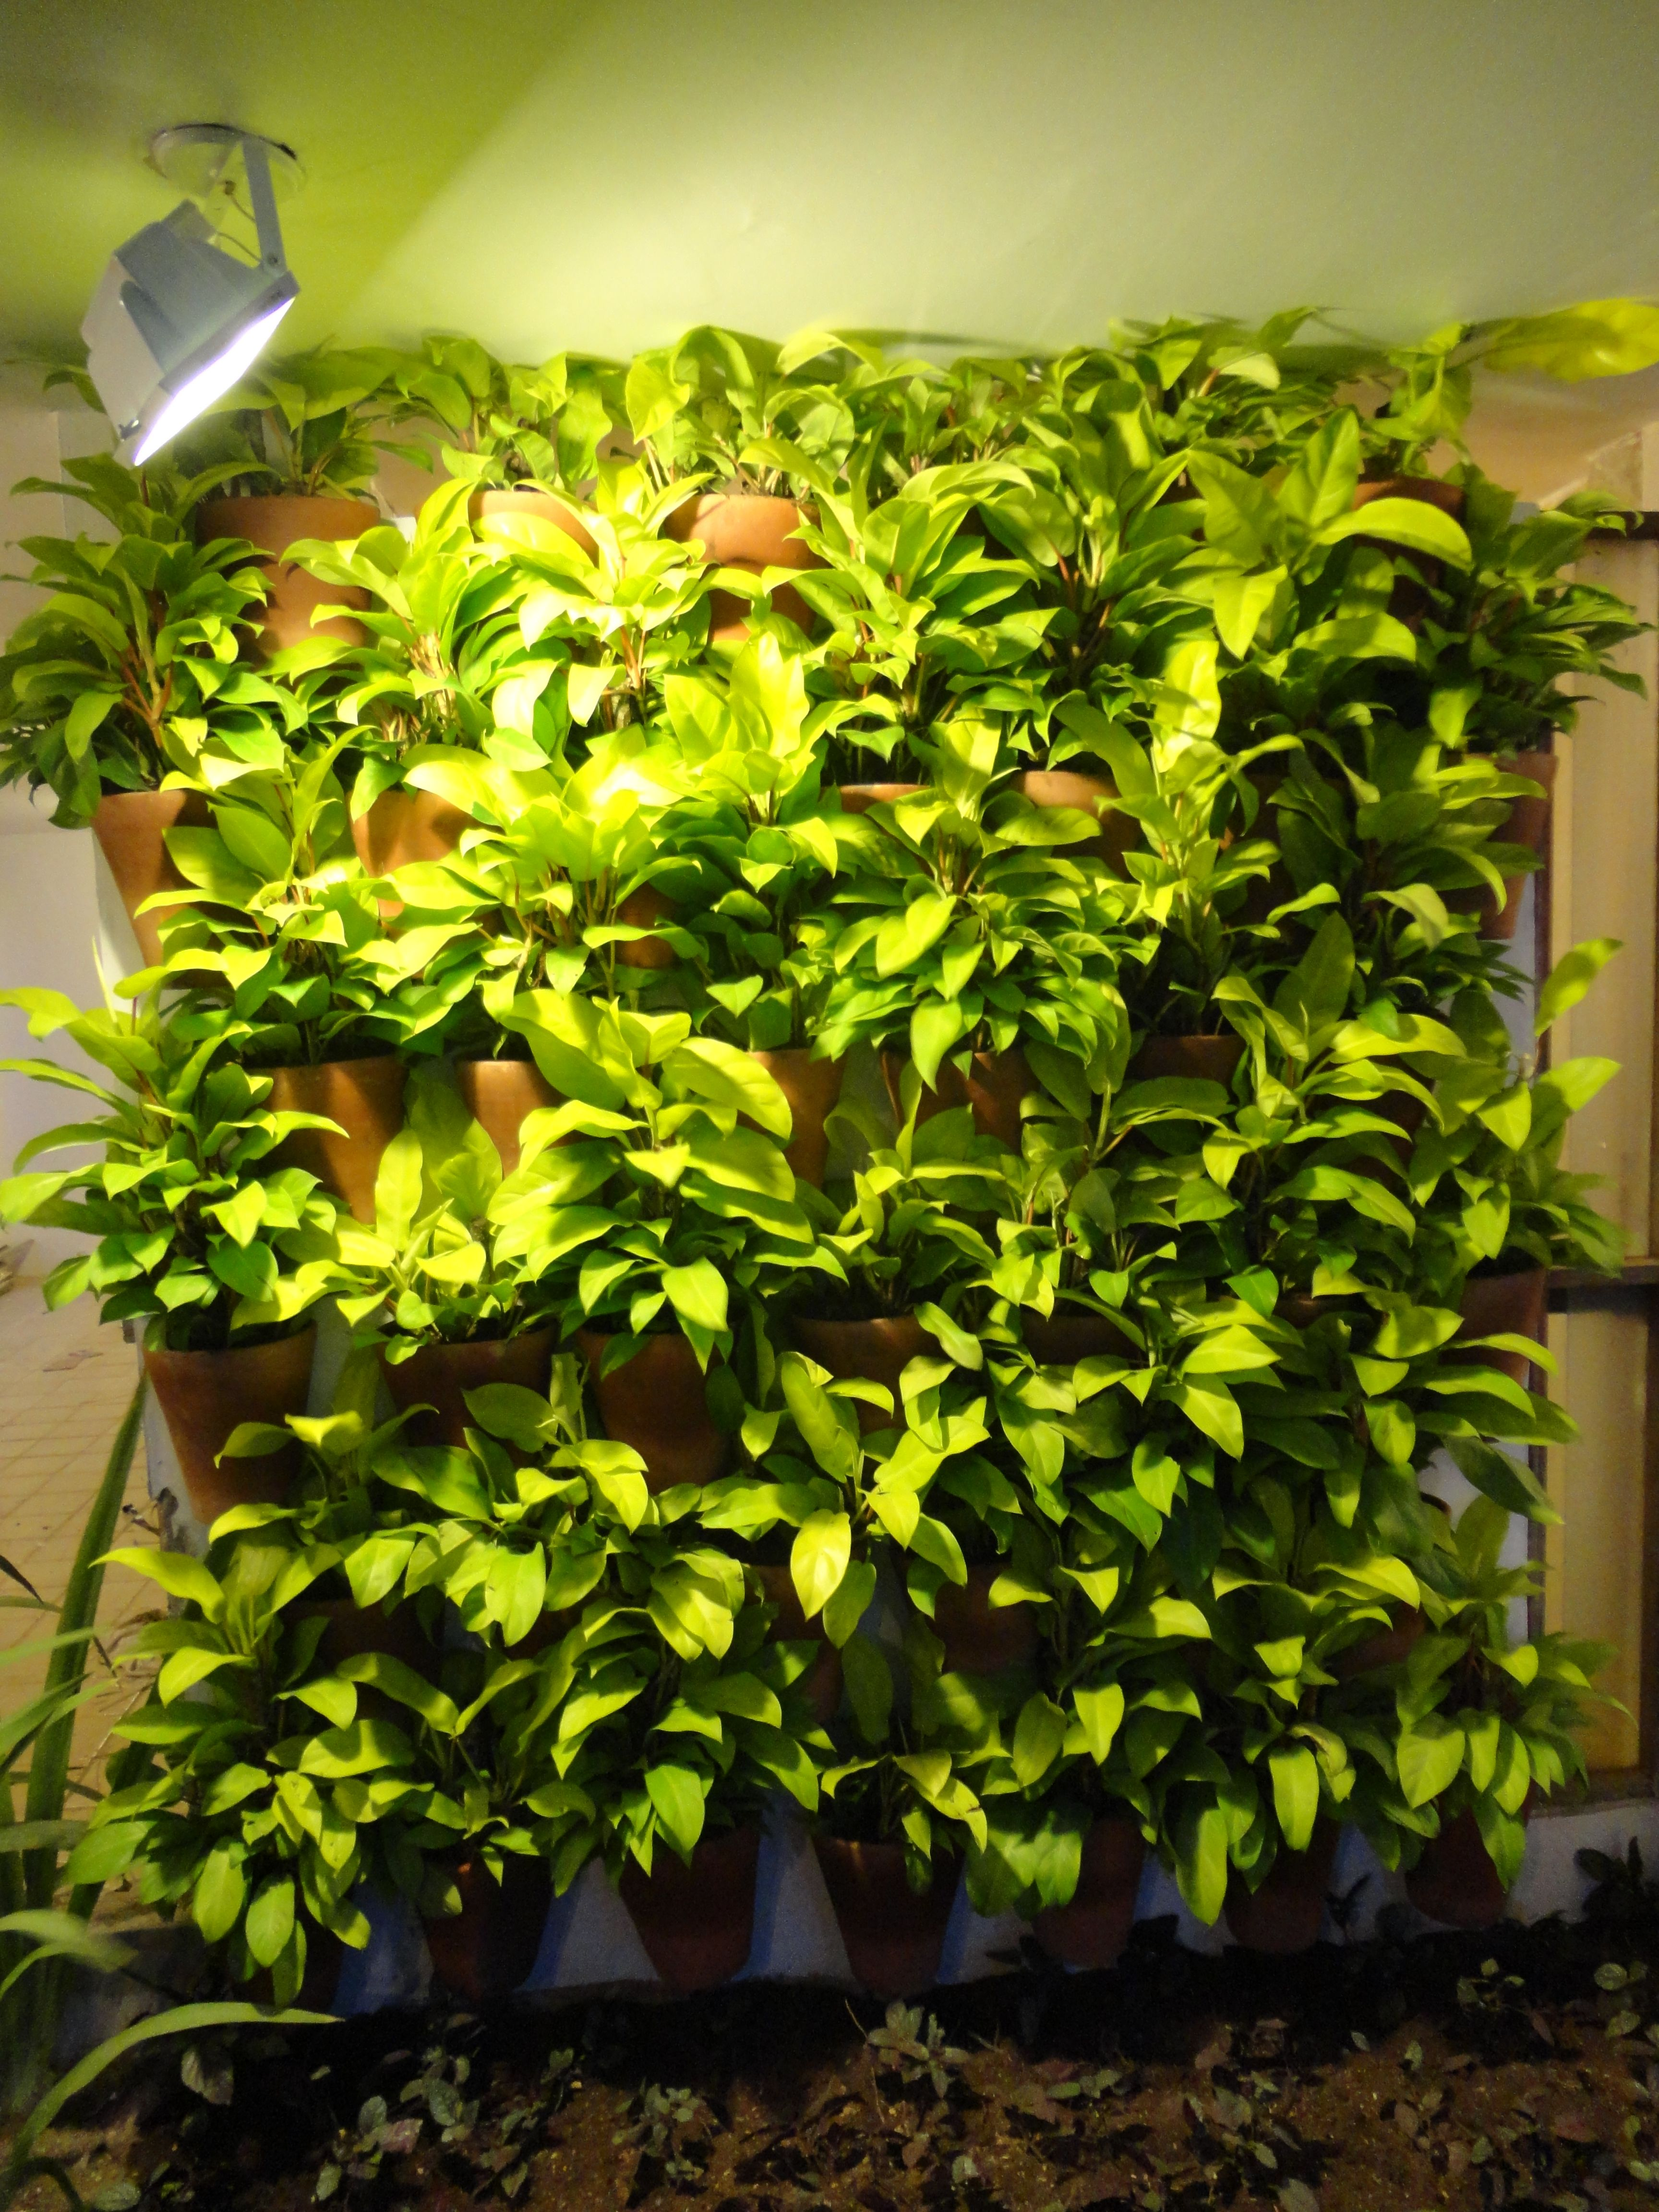 Jardim de loja com jardim vertical